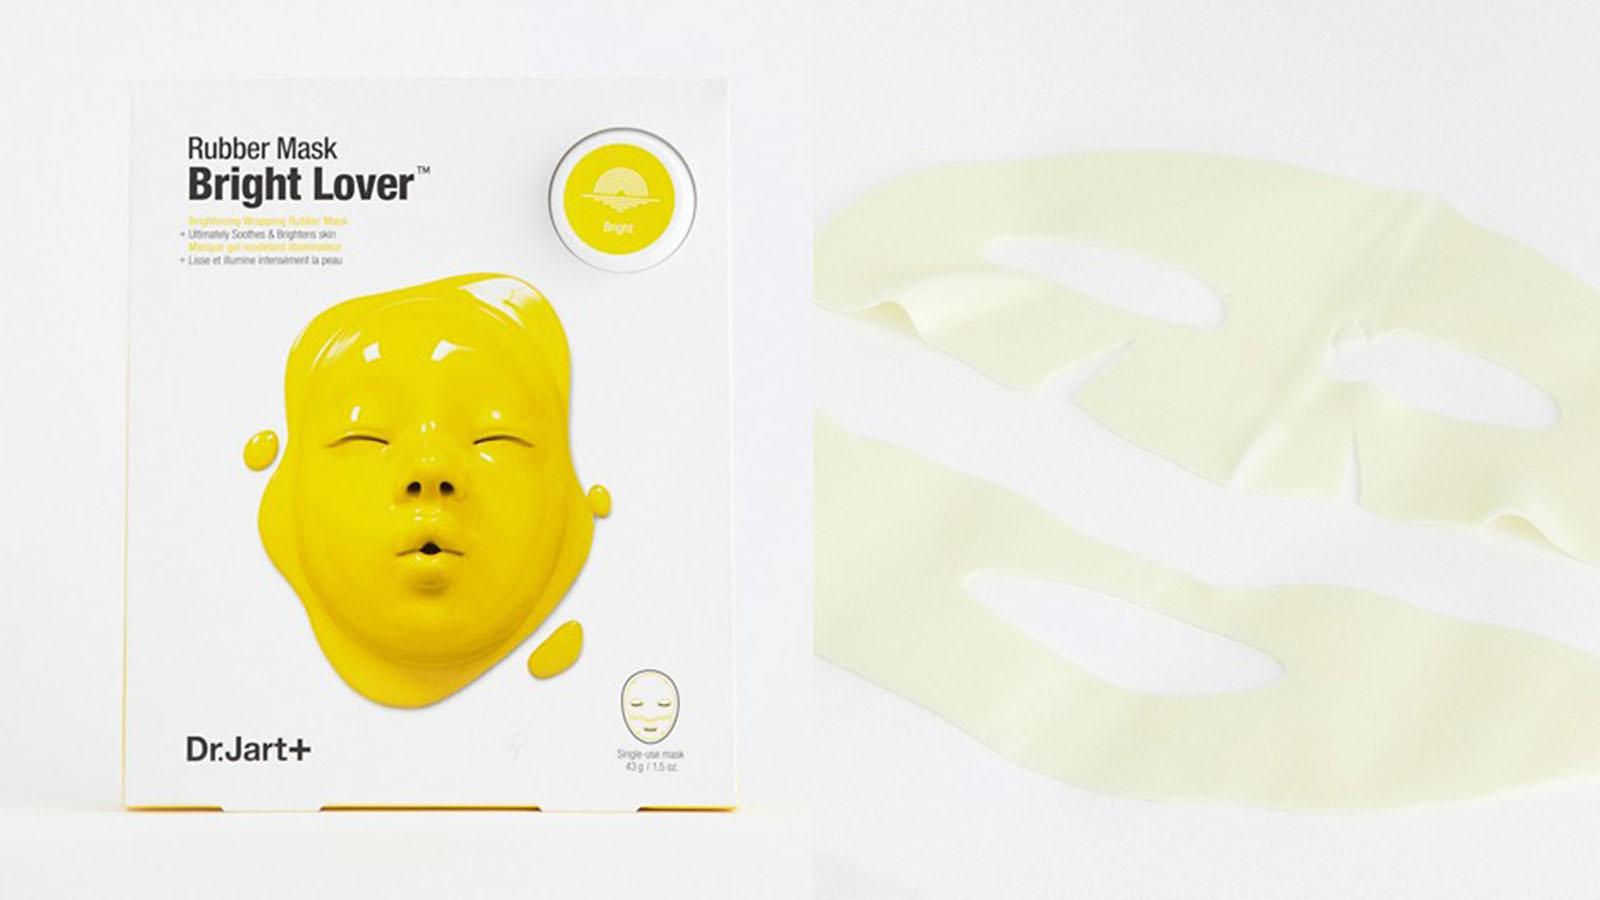 Dr Jart Bright Lover mask